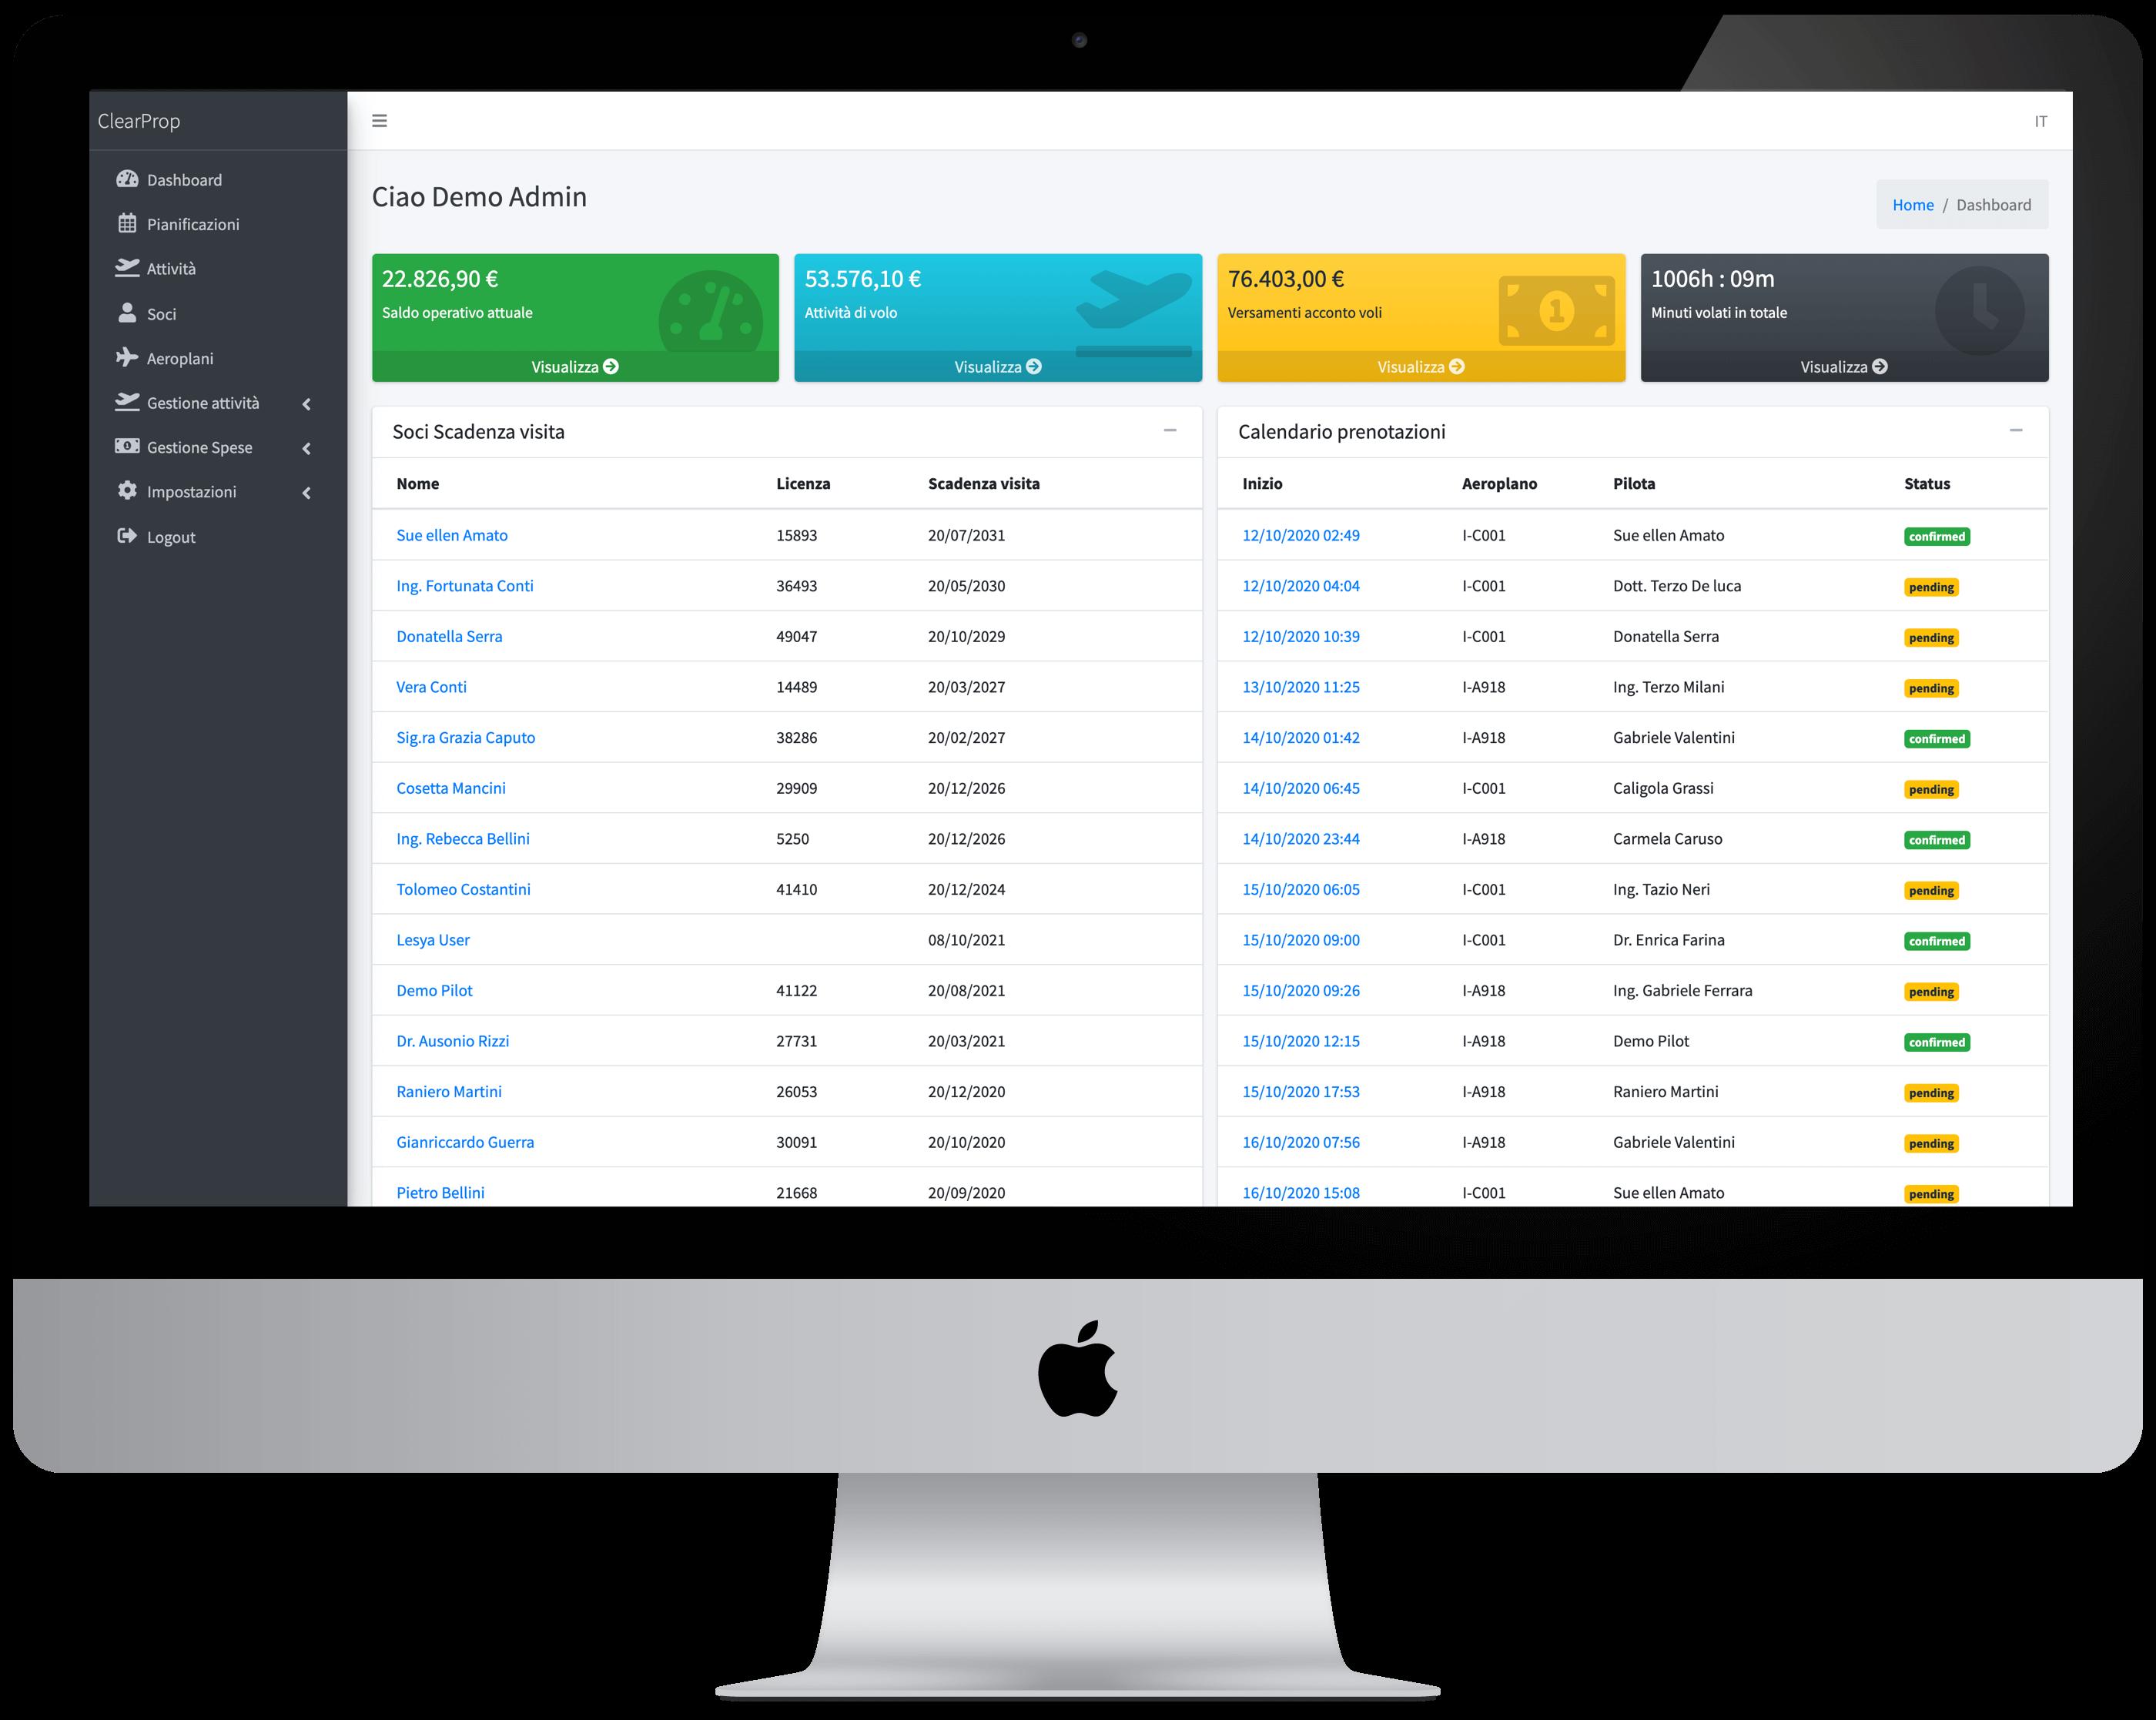 Clearprop Desktop Version